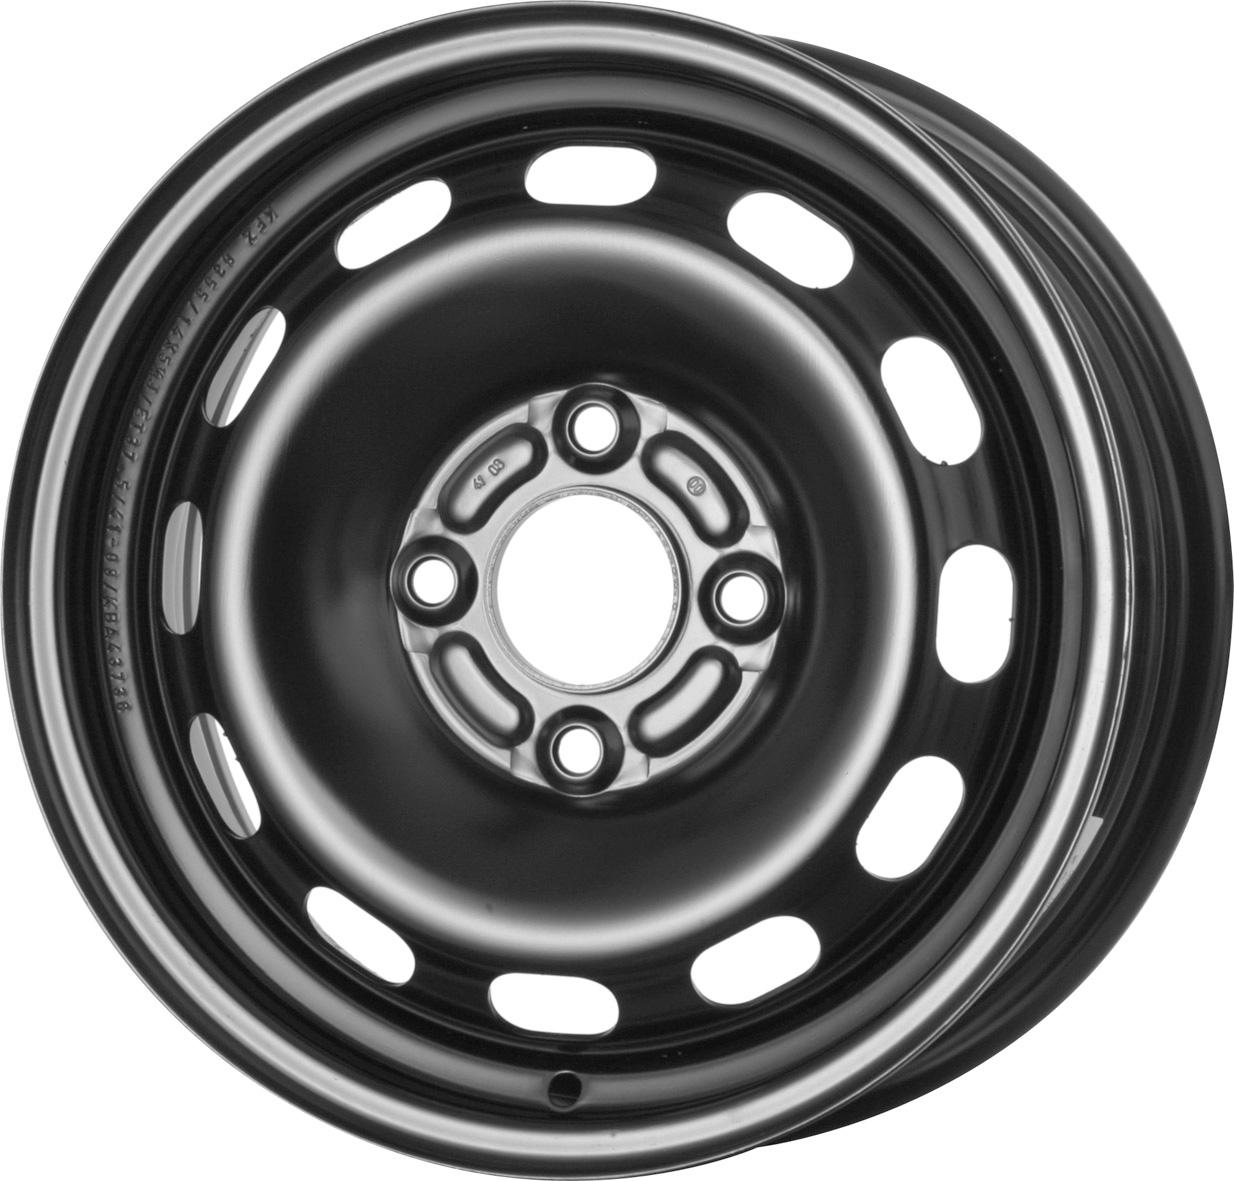 Vorschau: 14″ Stahlrad Sommer für Ford Fiesta 1.4 (JA8) Kumho KH27 175/65 R14 82T